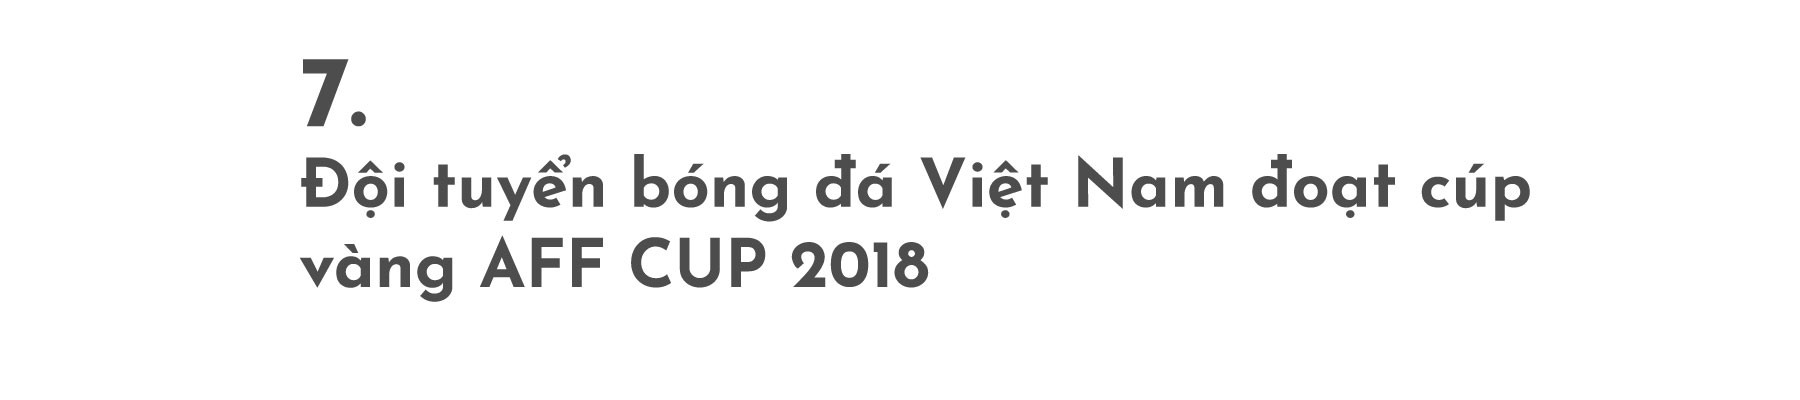 [eMagazine] - 10 sự kiện nổi bật của Việt Nam năm 2018 - Ảnh 15.